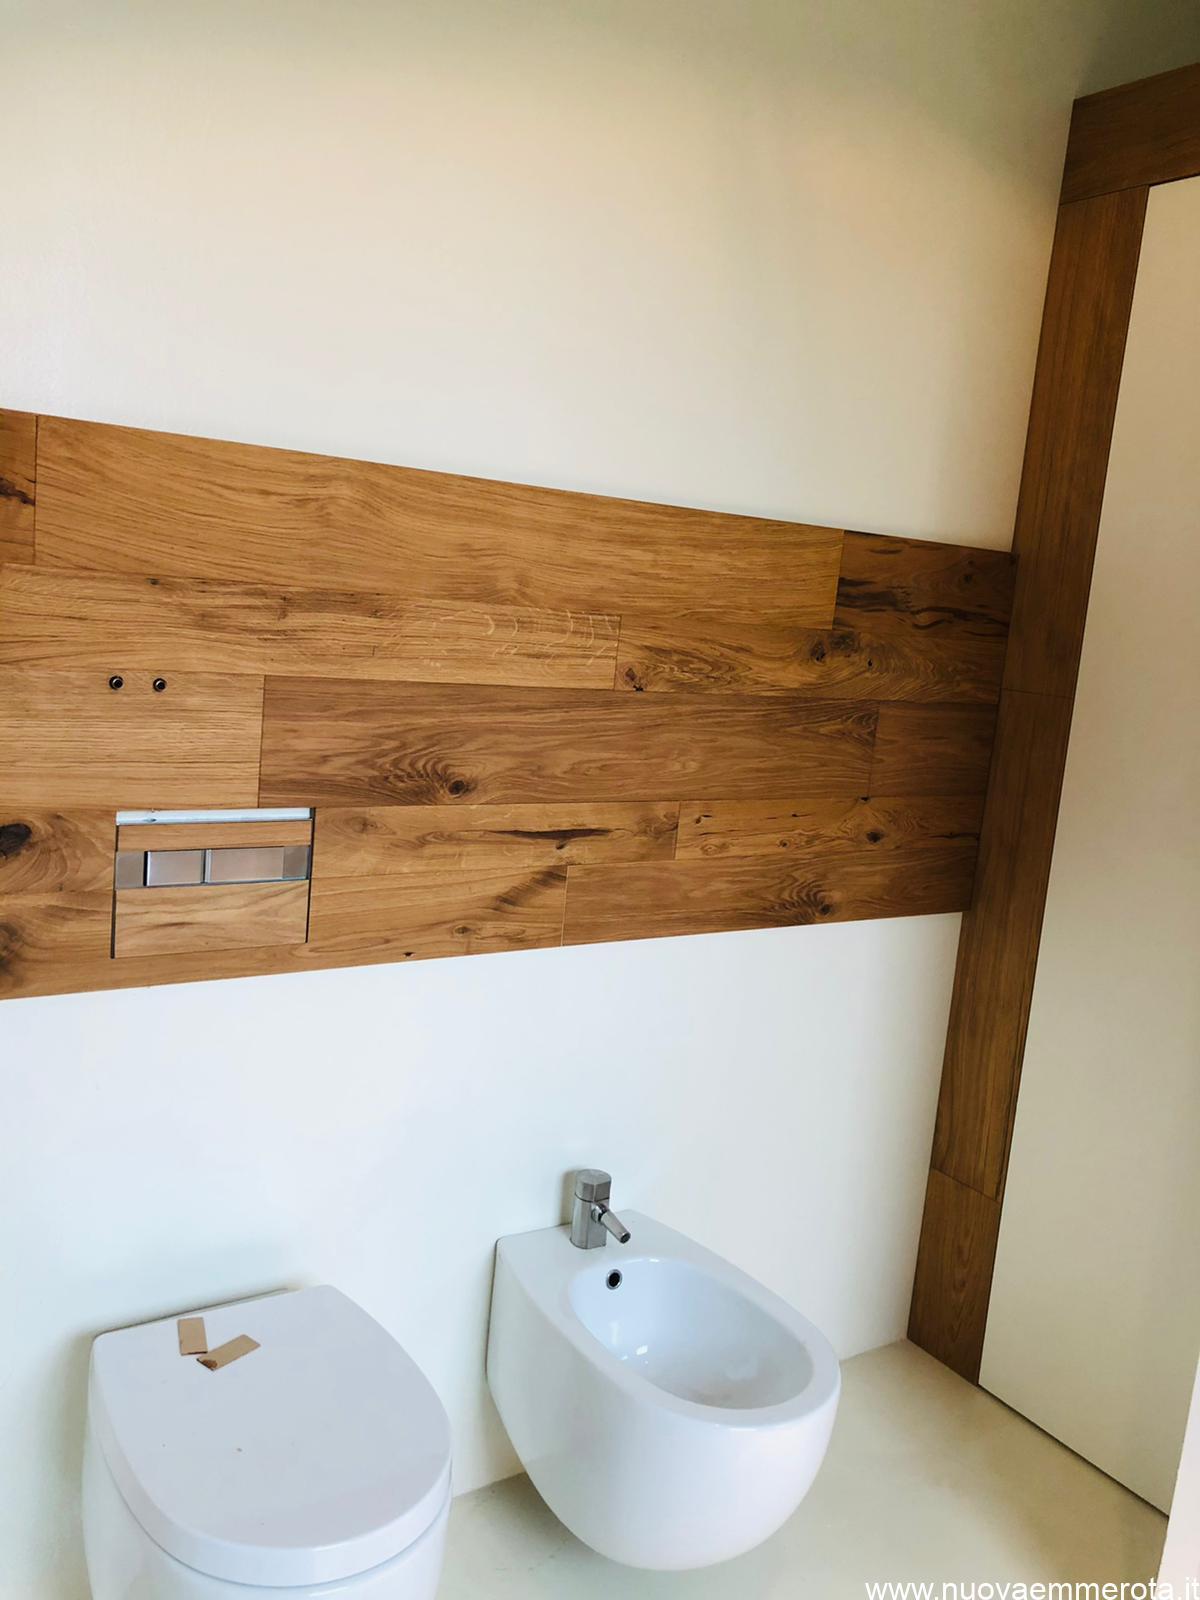 Rivestimento con pannello di legno nel bagno.